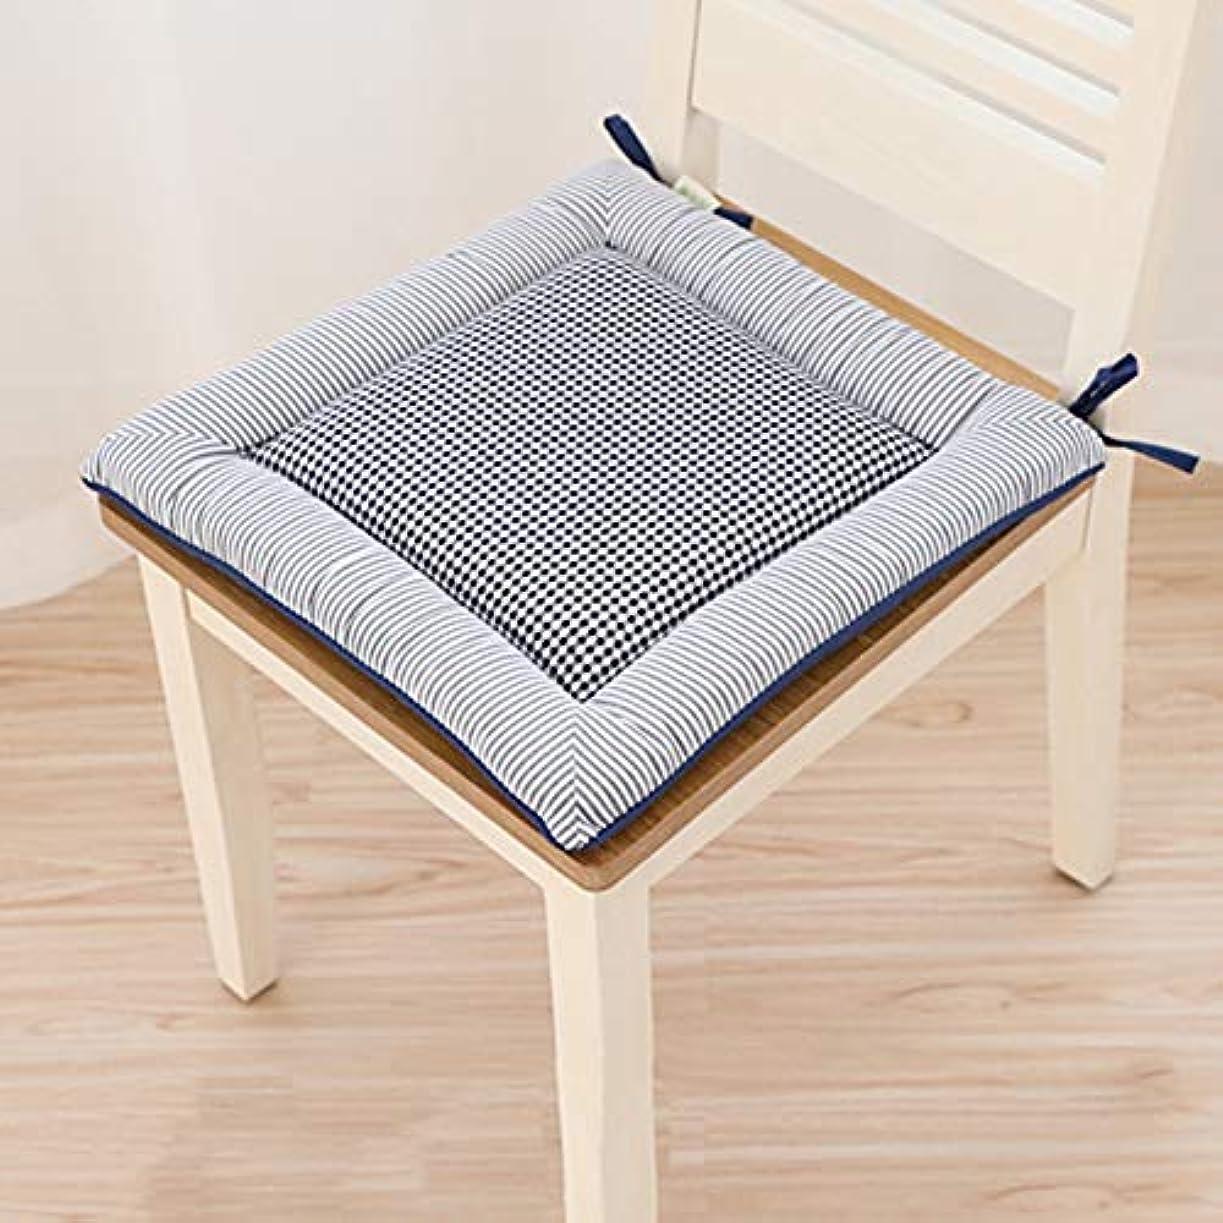 薬局洋服ミュート厚く ダイニング ソフト クッションを椅子します。 Stuhlkissen クッション枕 坐骨神経痛の痛みのため パッド の オフィス キッチン 庭の車に座って -B 40x40cm